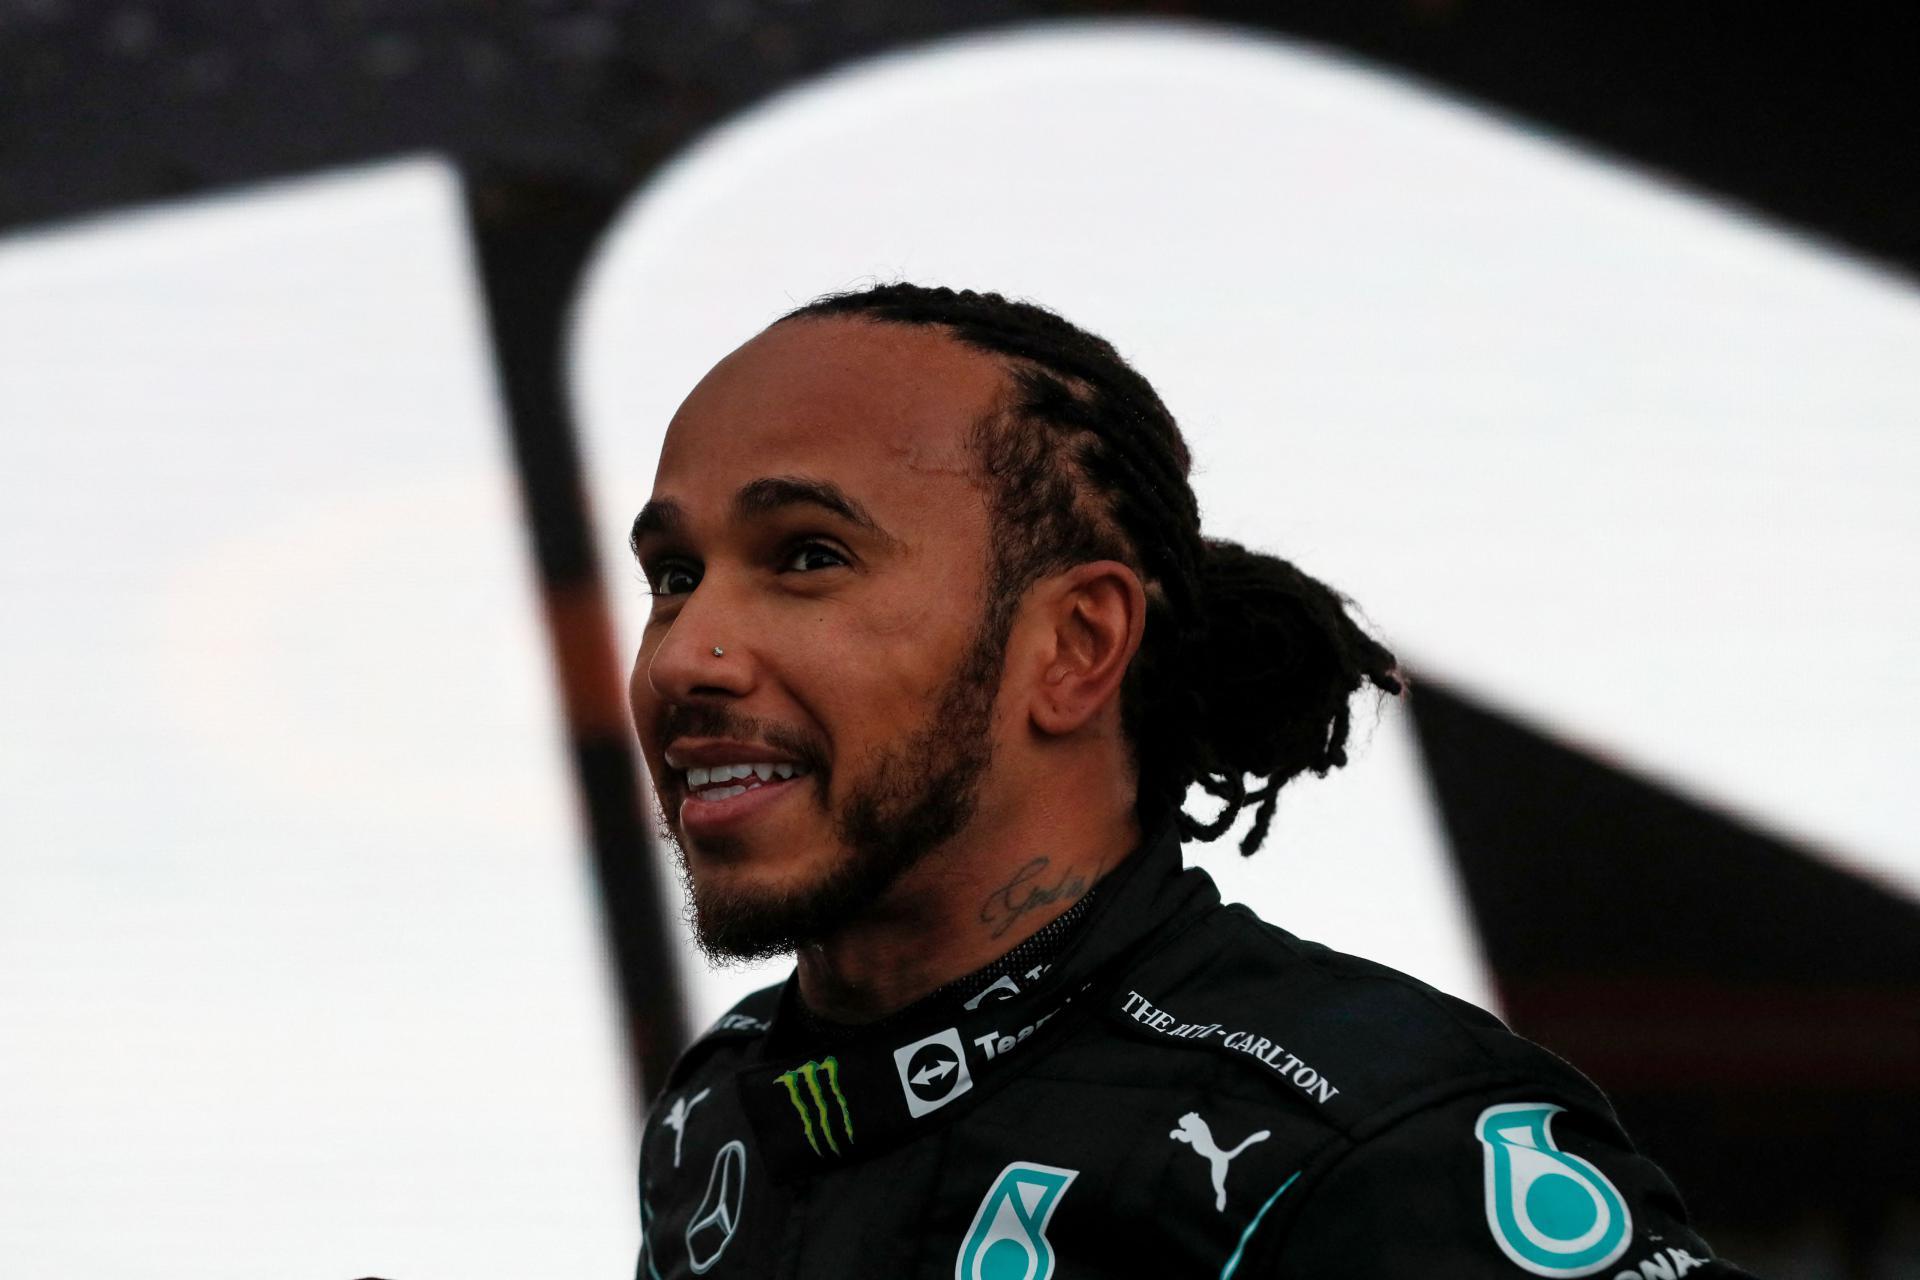 Lewis Hamilton slavio u Sočiju i postao prvi vozač u povijesti Formule 1 koji je stigao do 100 pobjeda